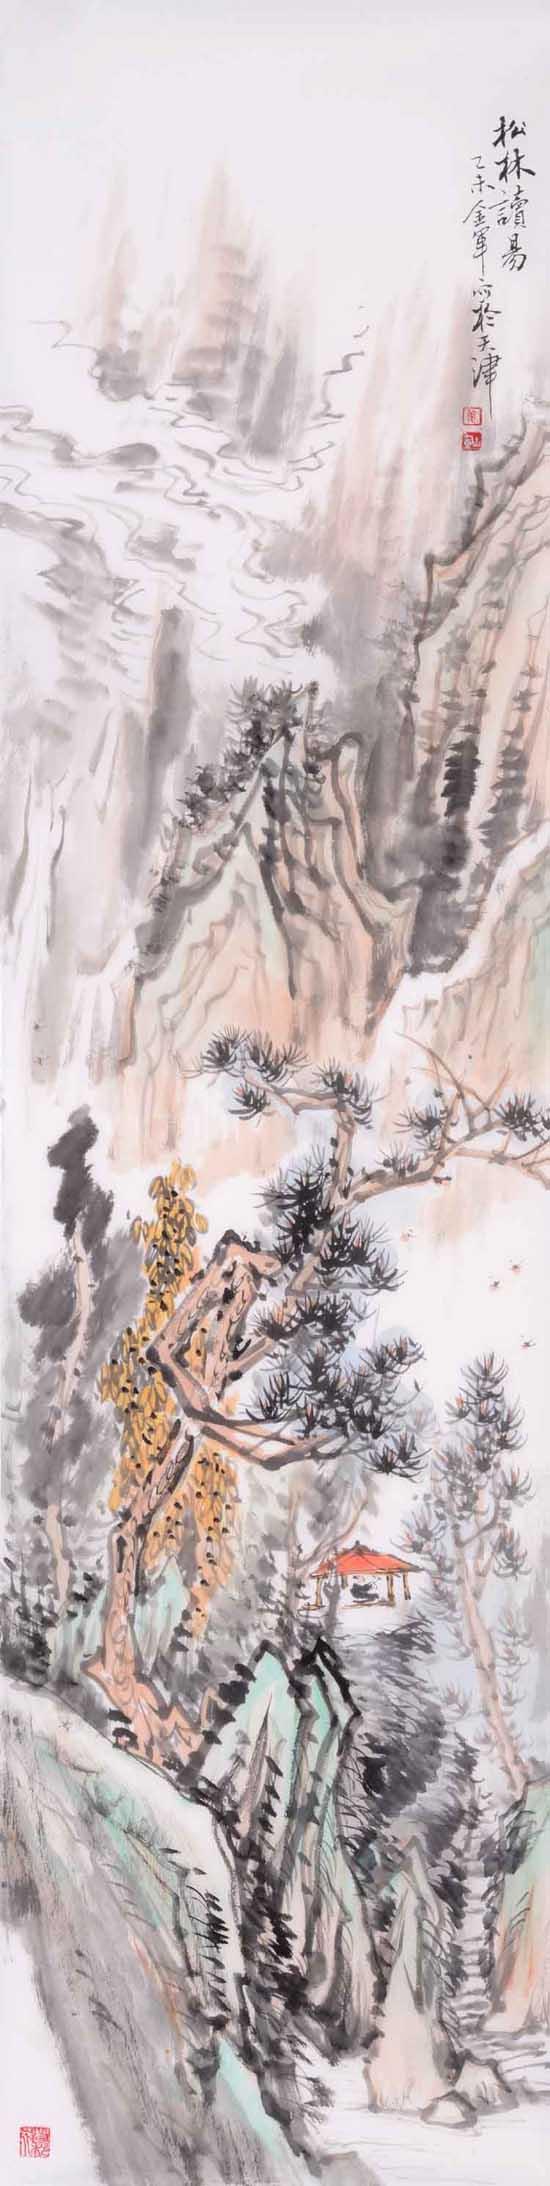 姜金军2015 松林读易30×120cm